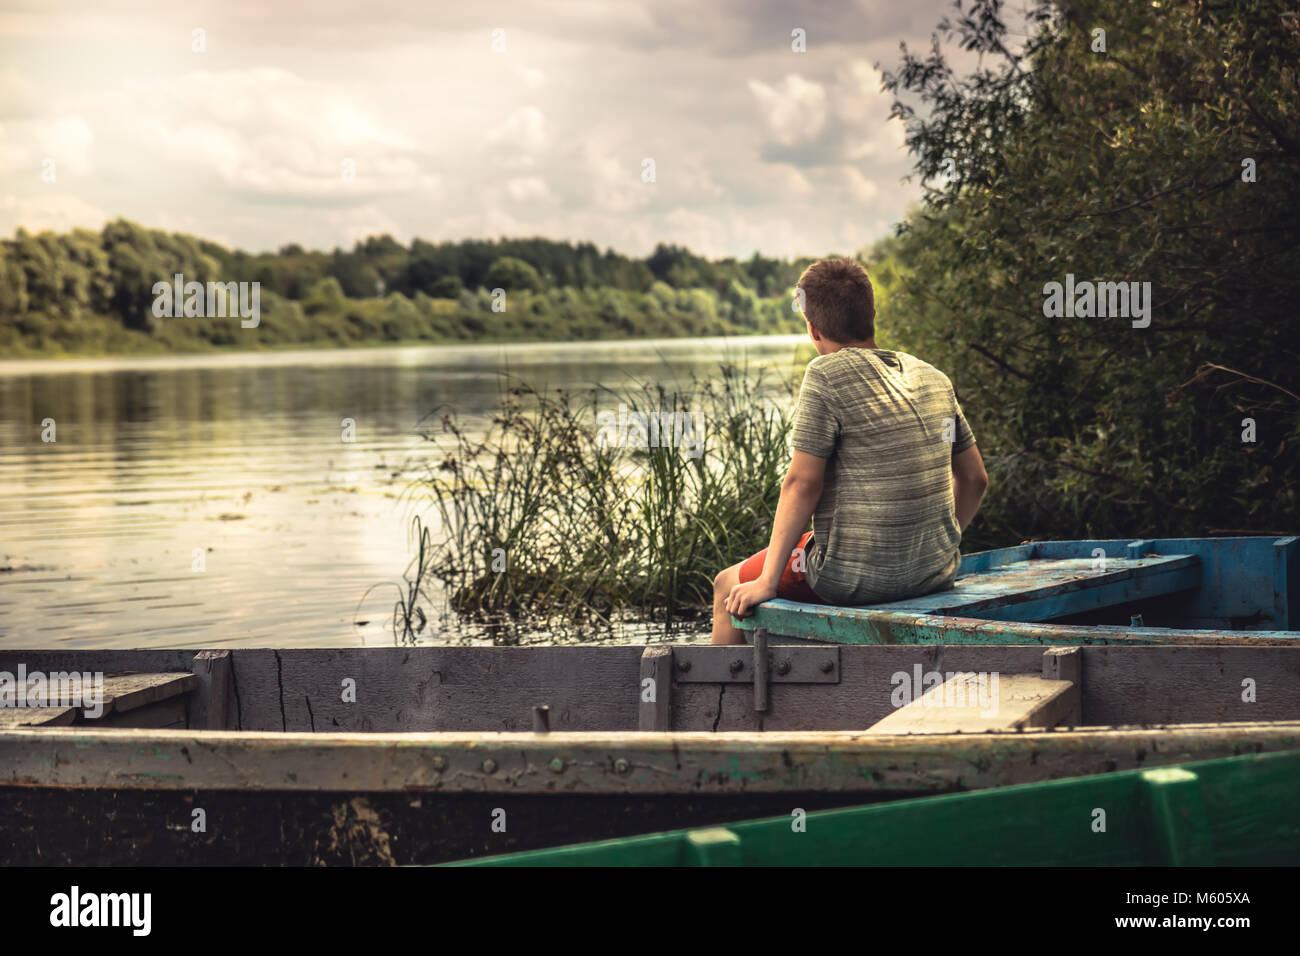 Adolescents contemplation solitaire paysage campagne sur la rivière bateau pendant les vacances d'été Photo Stock